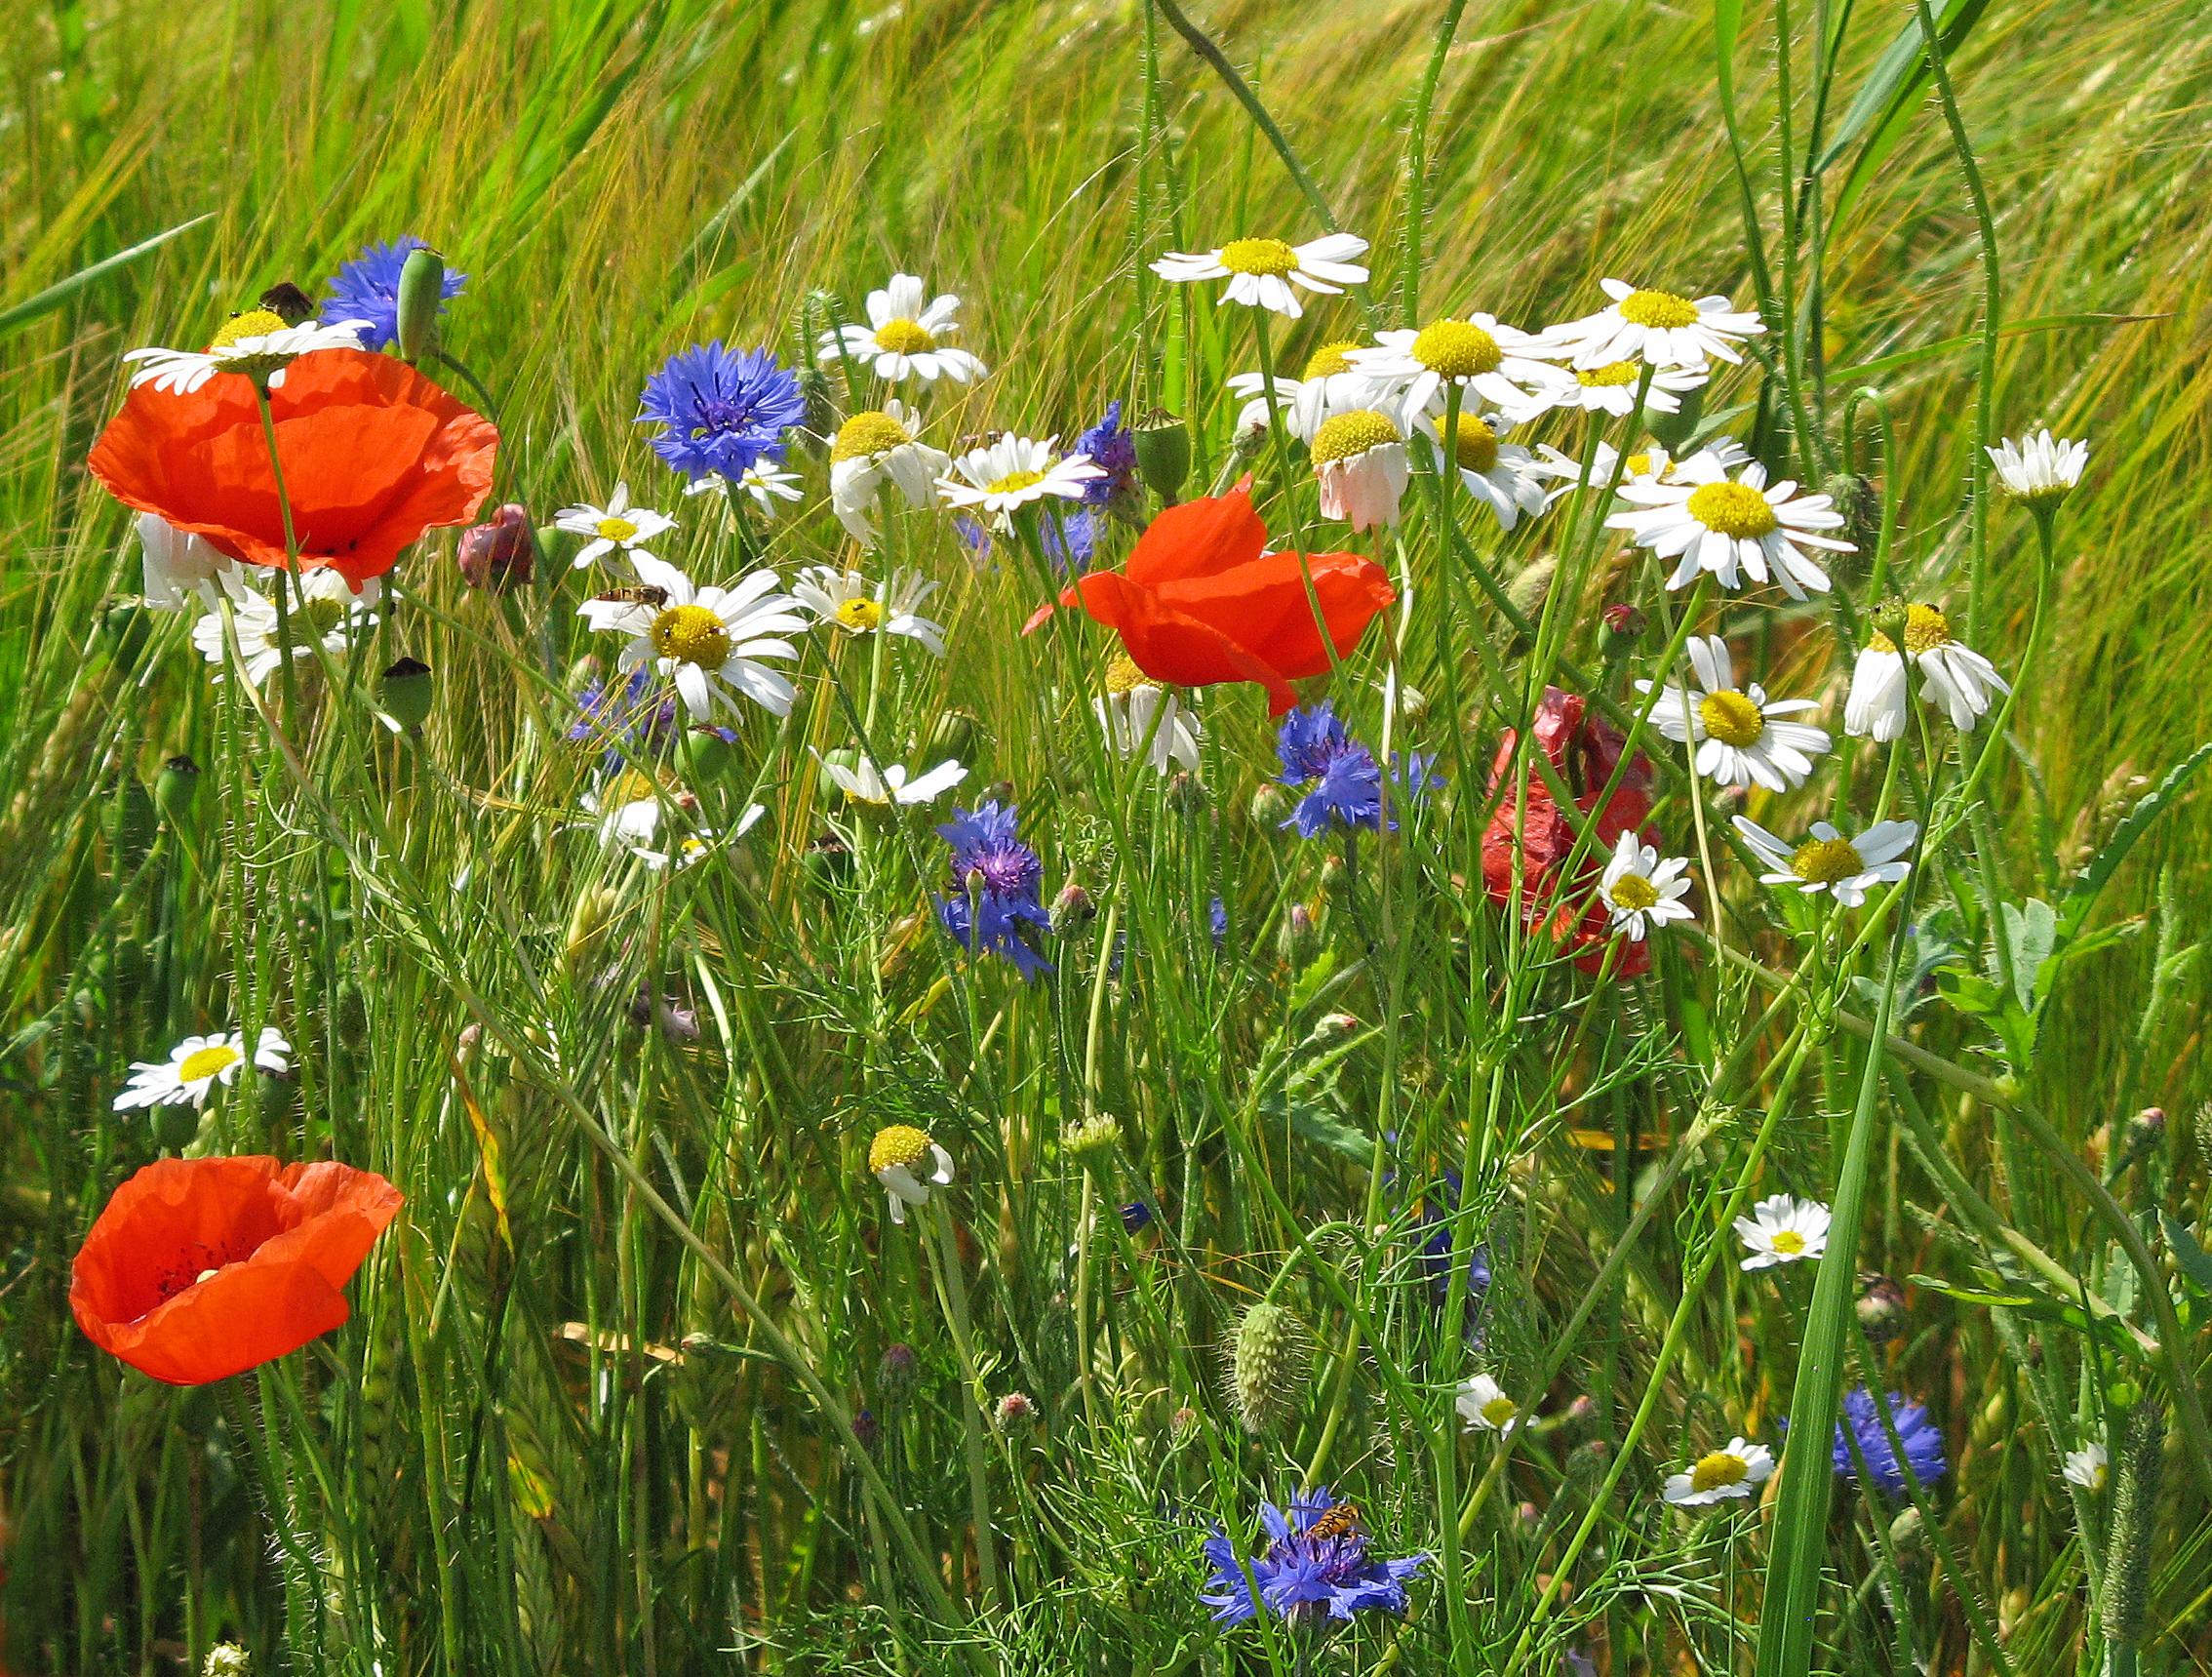 фото картинки полевые цветы летом сообщала, что девочка